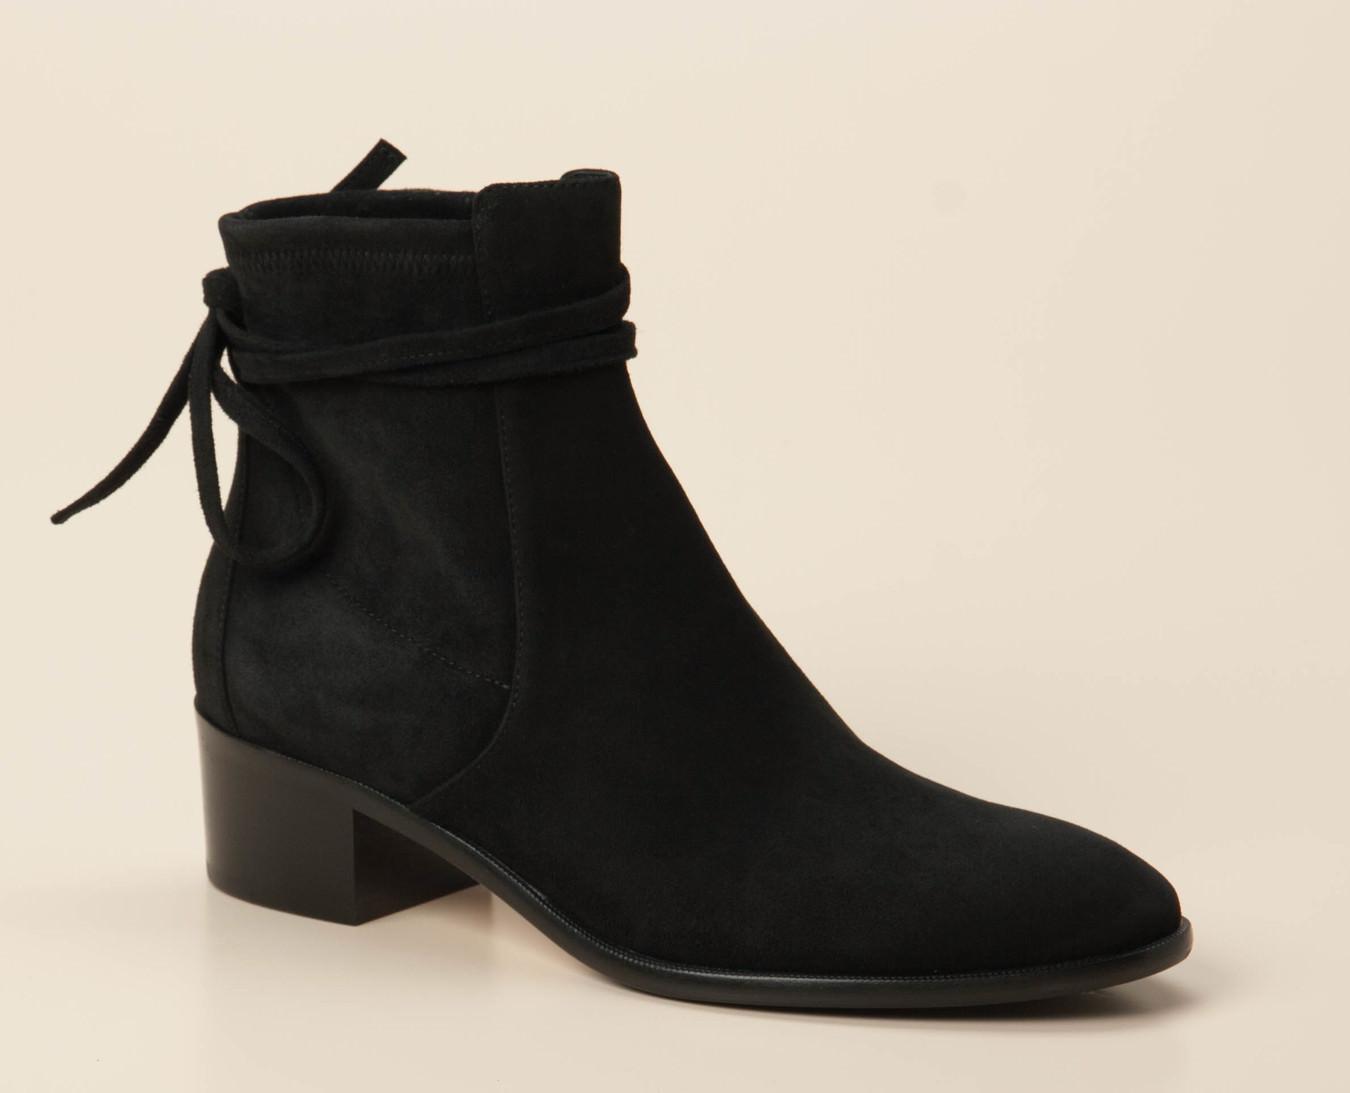 Unützer Damen Stiefel in schwarz kaufen | Zumnorde Online Shop